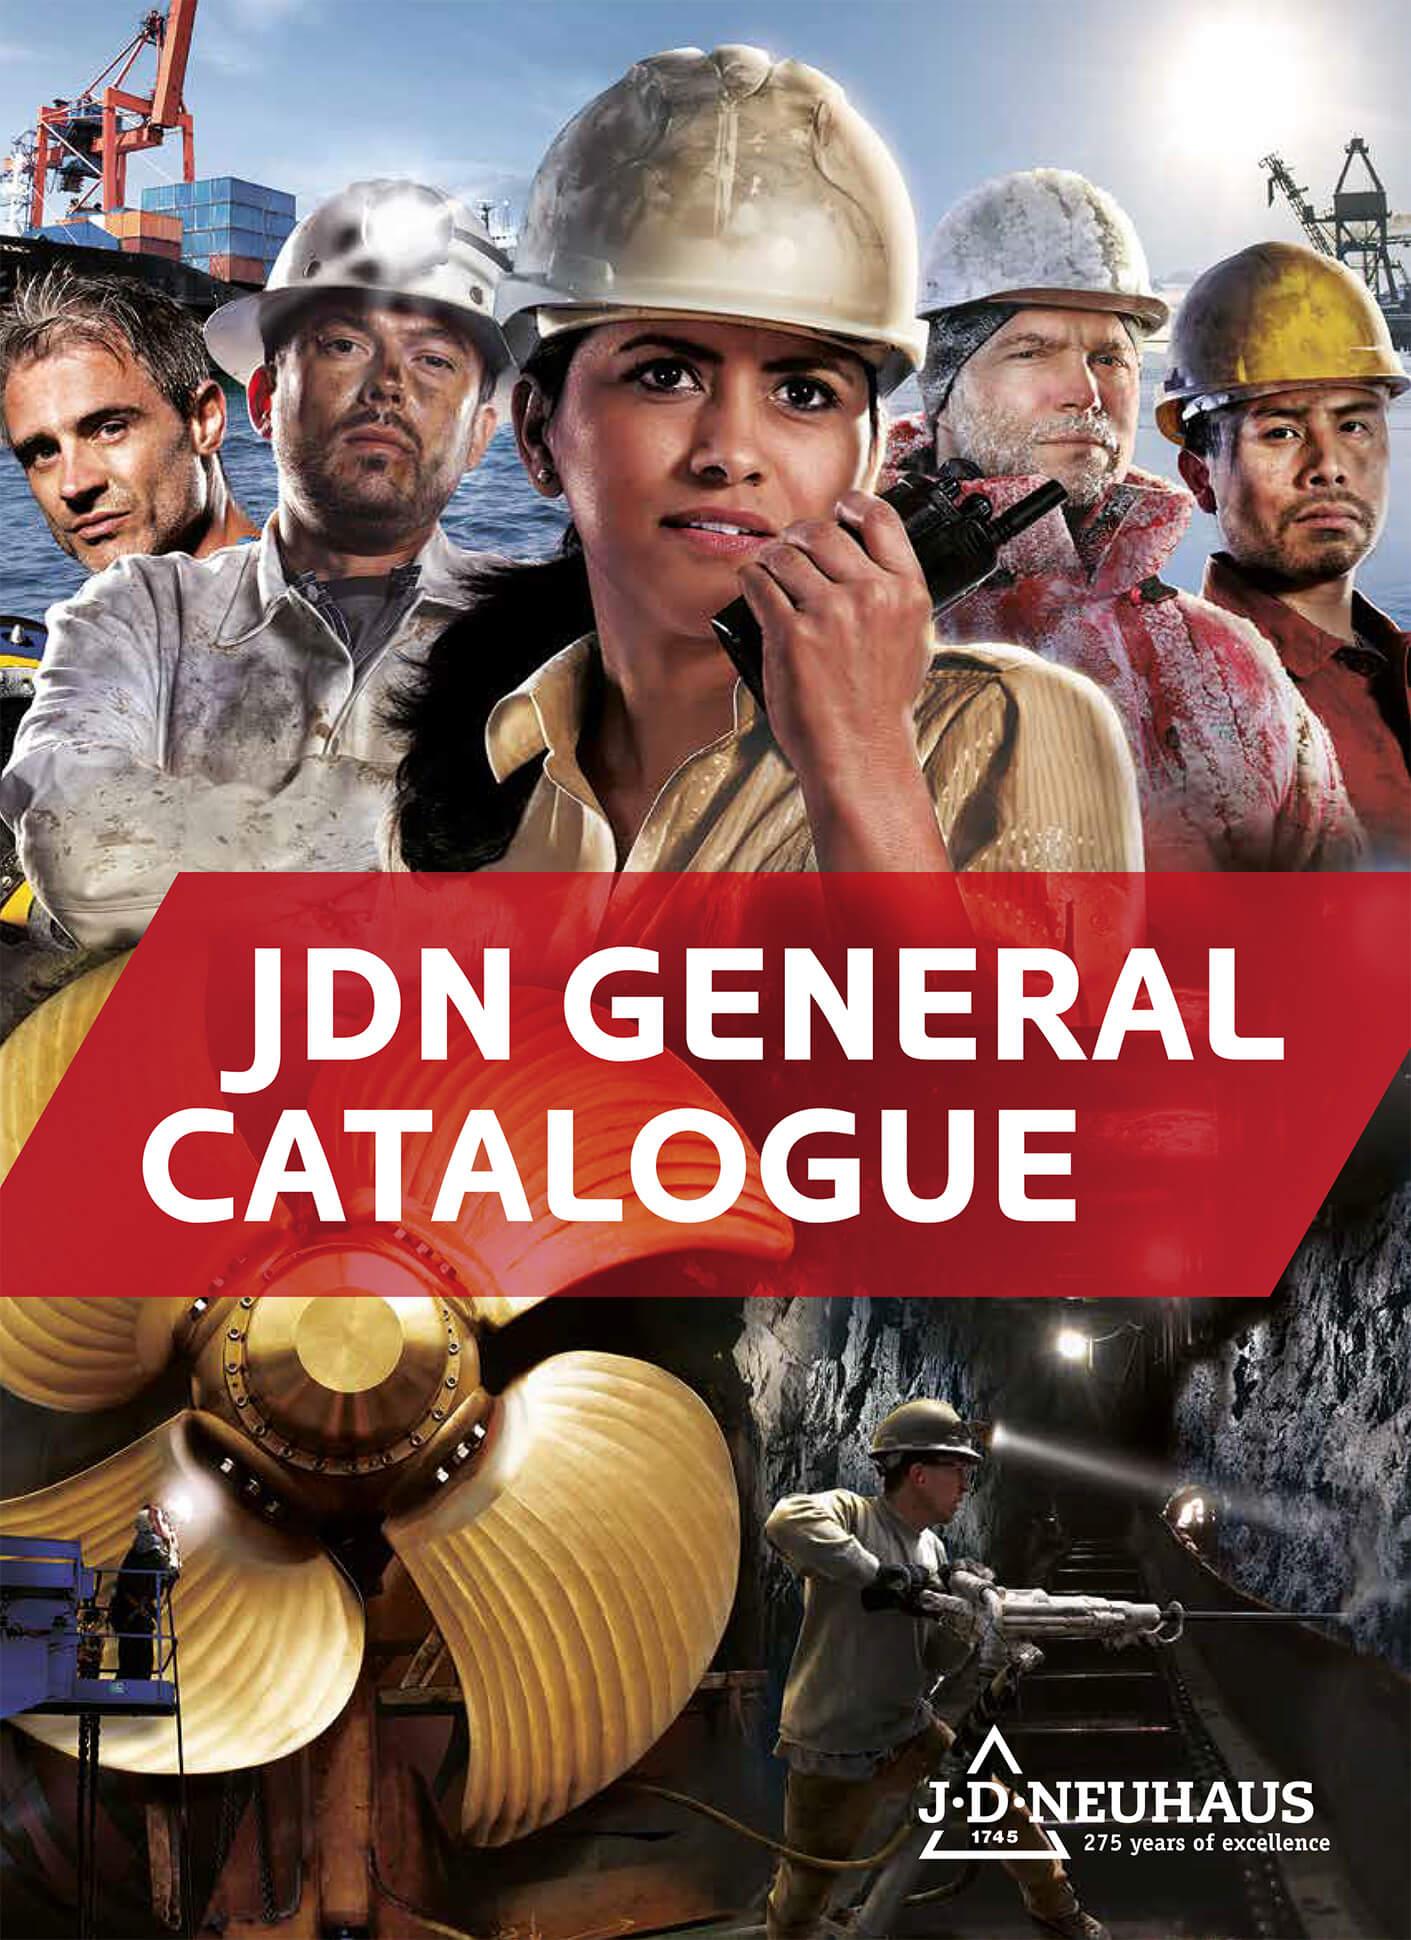 JDN General Catalogue